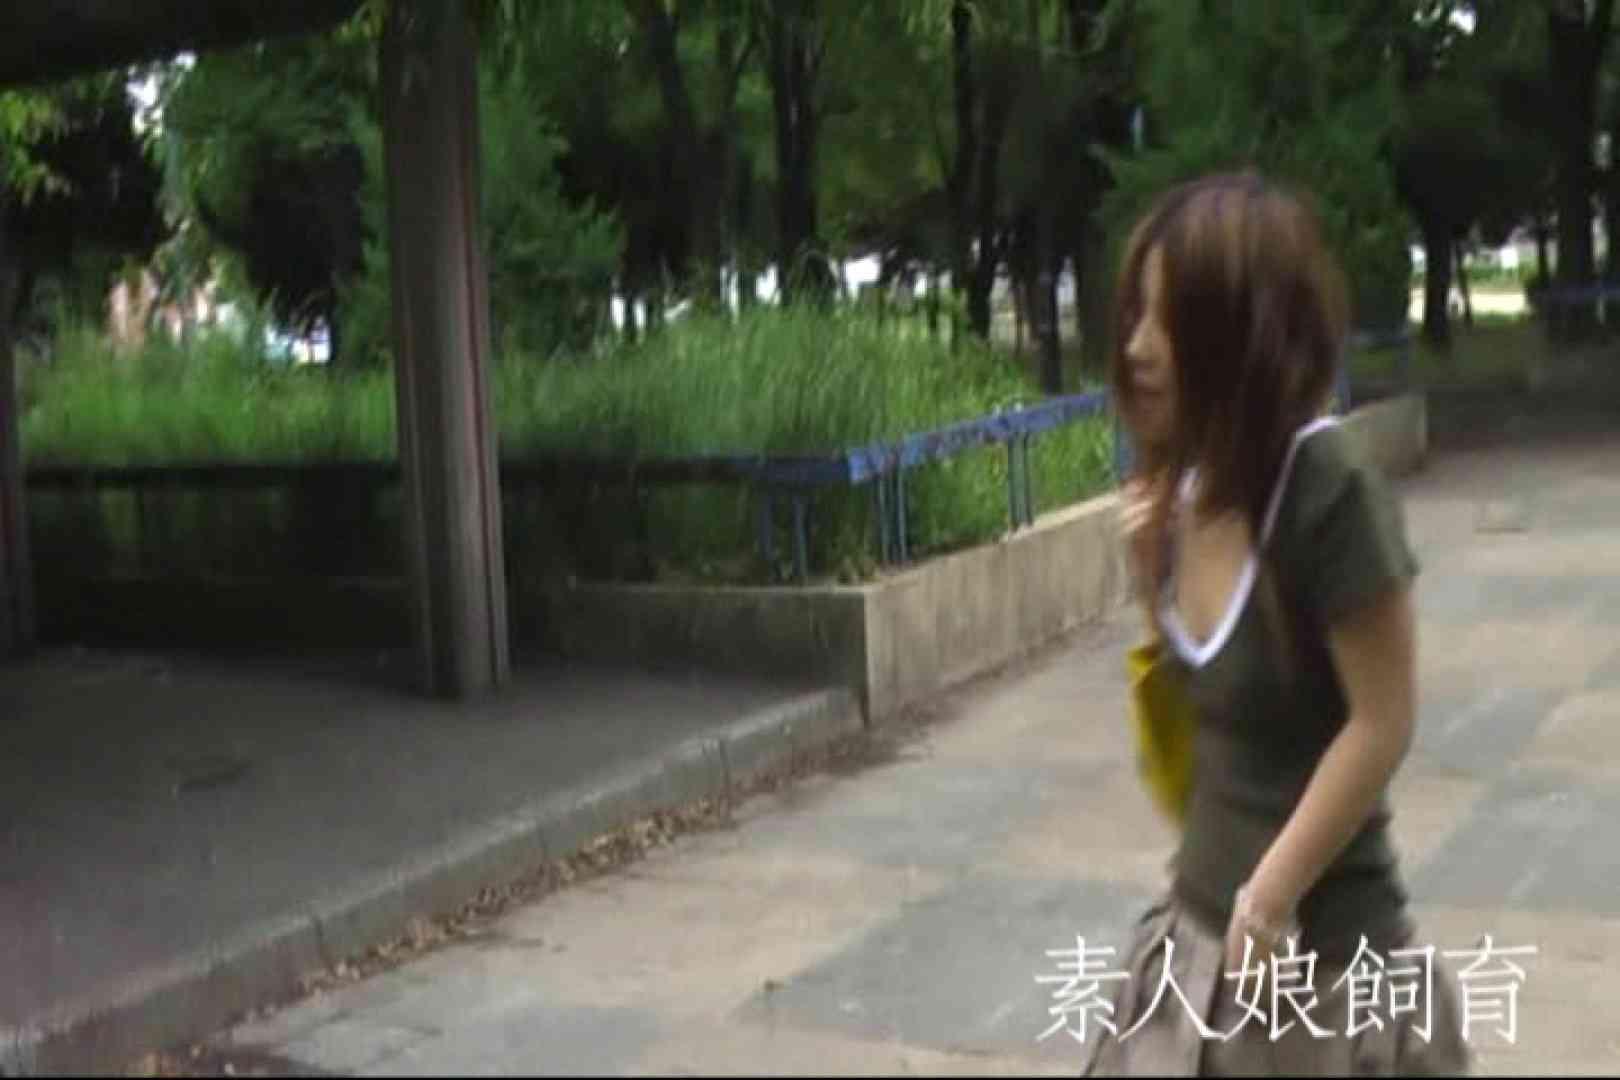 素人嬢飼育~お前の餌は他人棒~野外露出 野外 盗み撮り動画キャプチャ 104連発 39